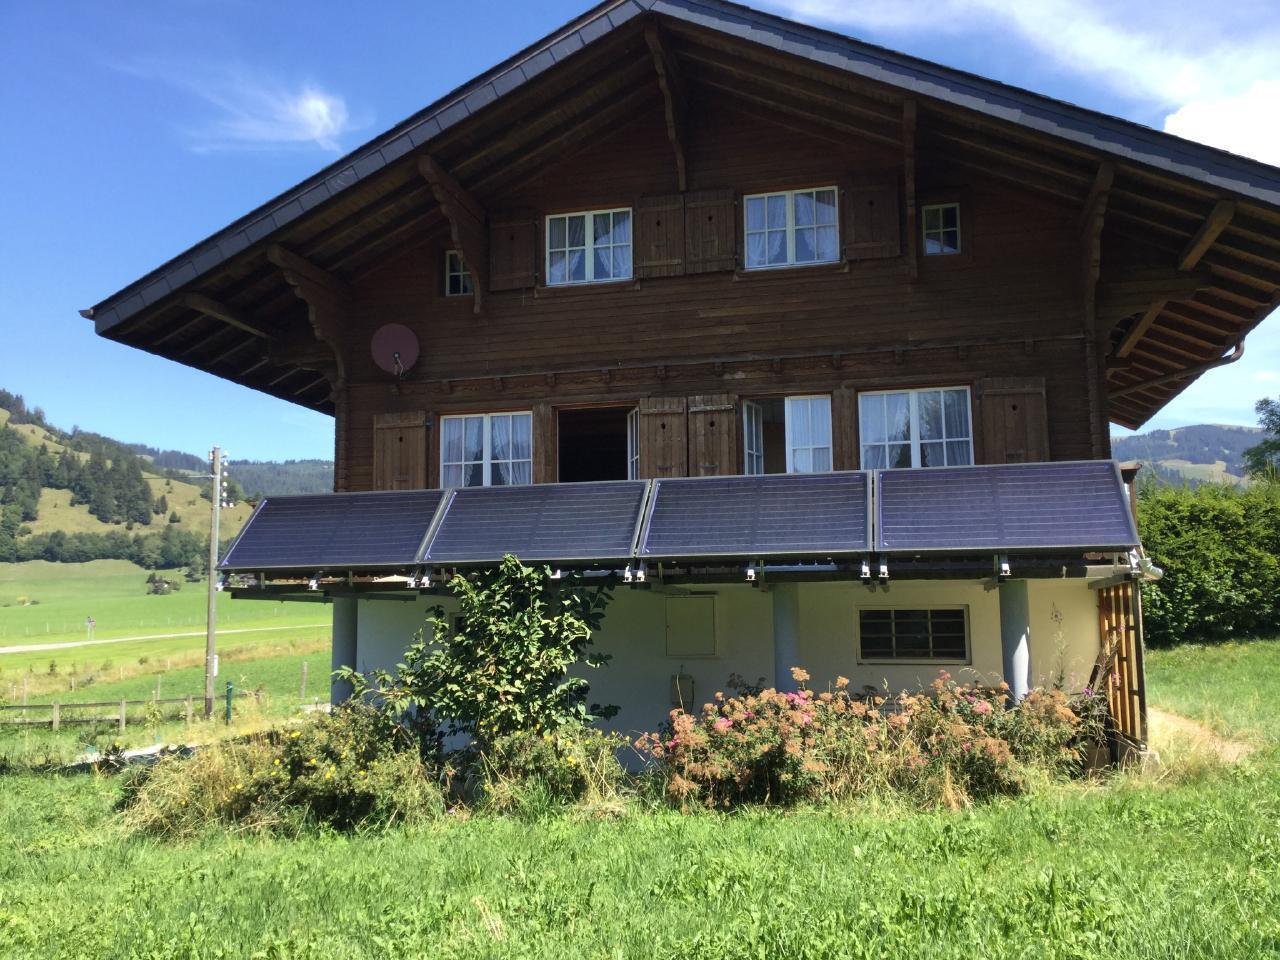 Ferienhaus Chalet  mit grossem Umschwung (2532187), Charmey, , Freiburg, Schweiz, Bild 2